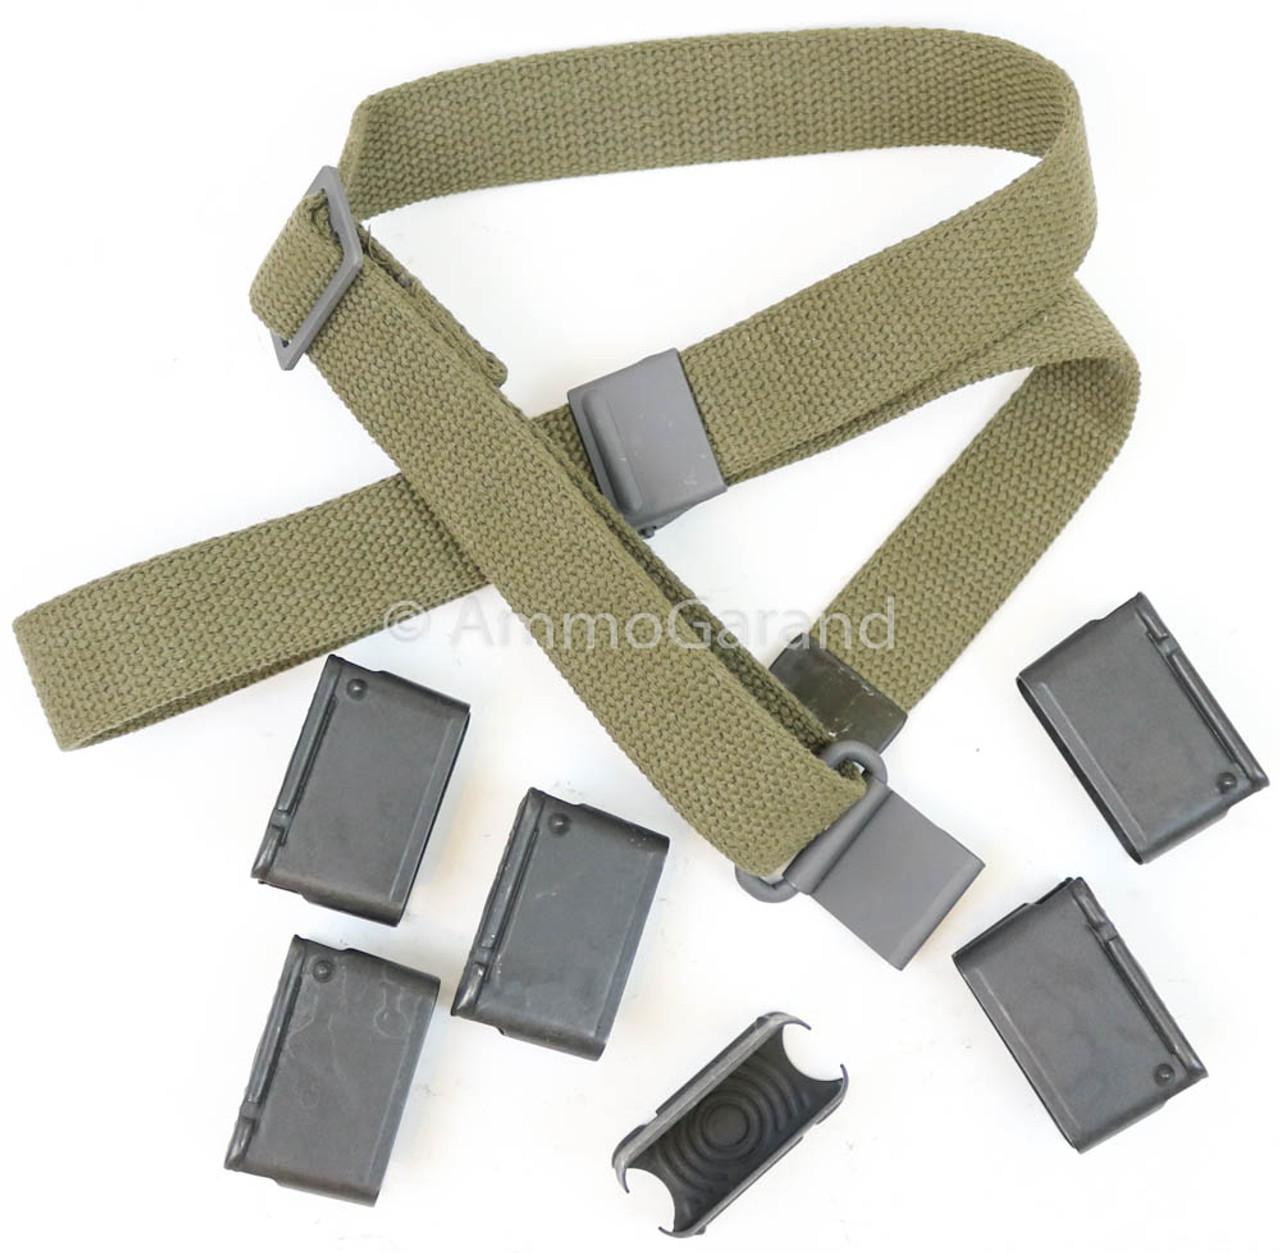 AmmoGarand Web Sling and M1 Garand 8rd Clips